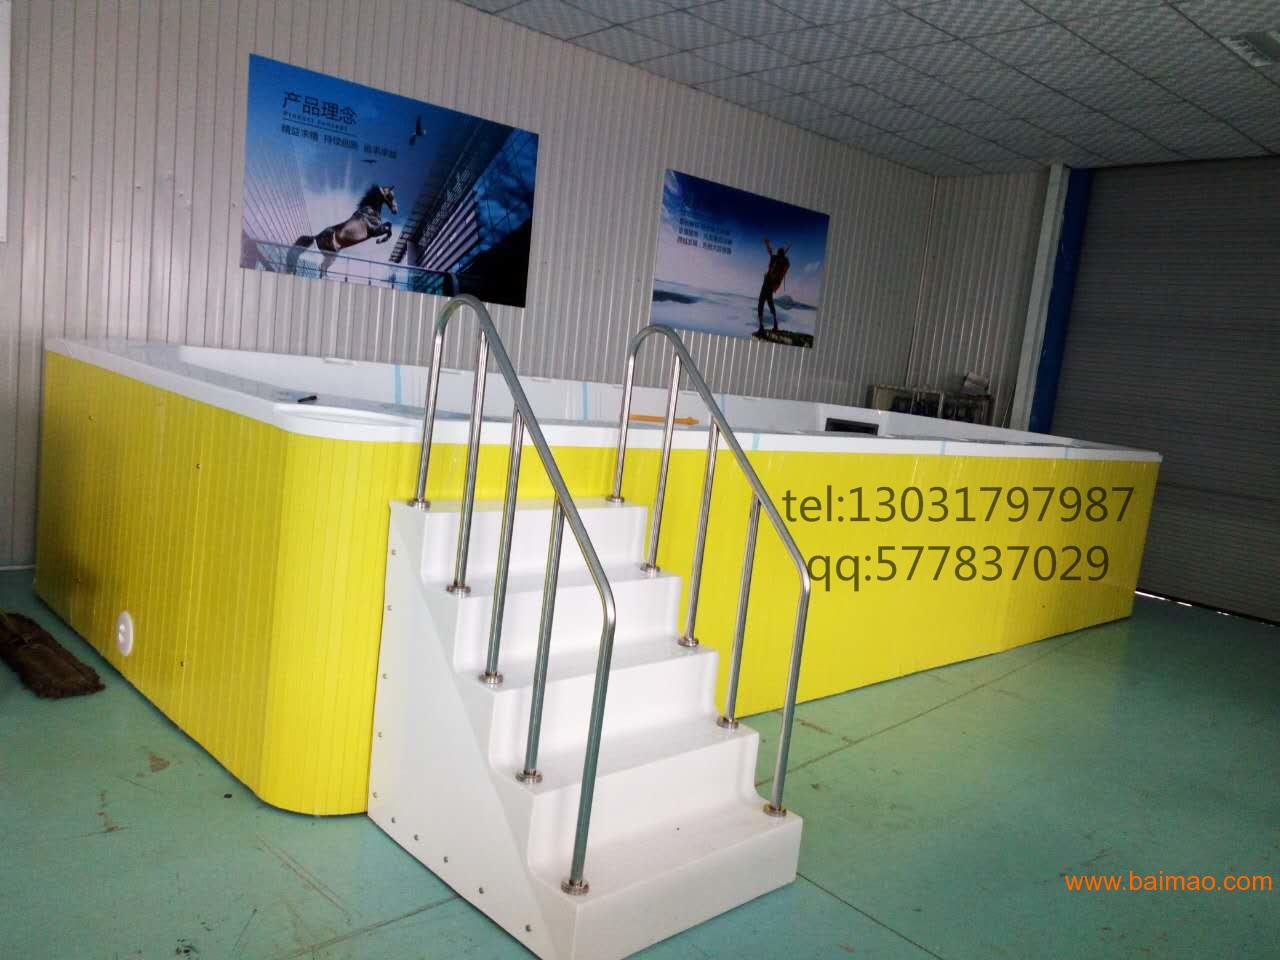 陕西游泳馆设备定做的厂家游泳馆投资预算游泳池价格